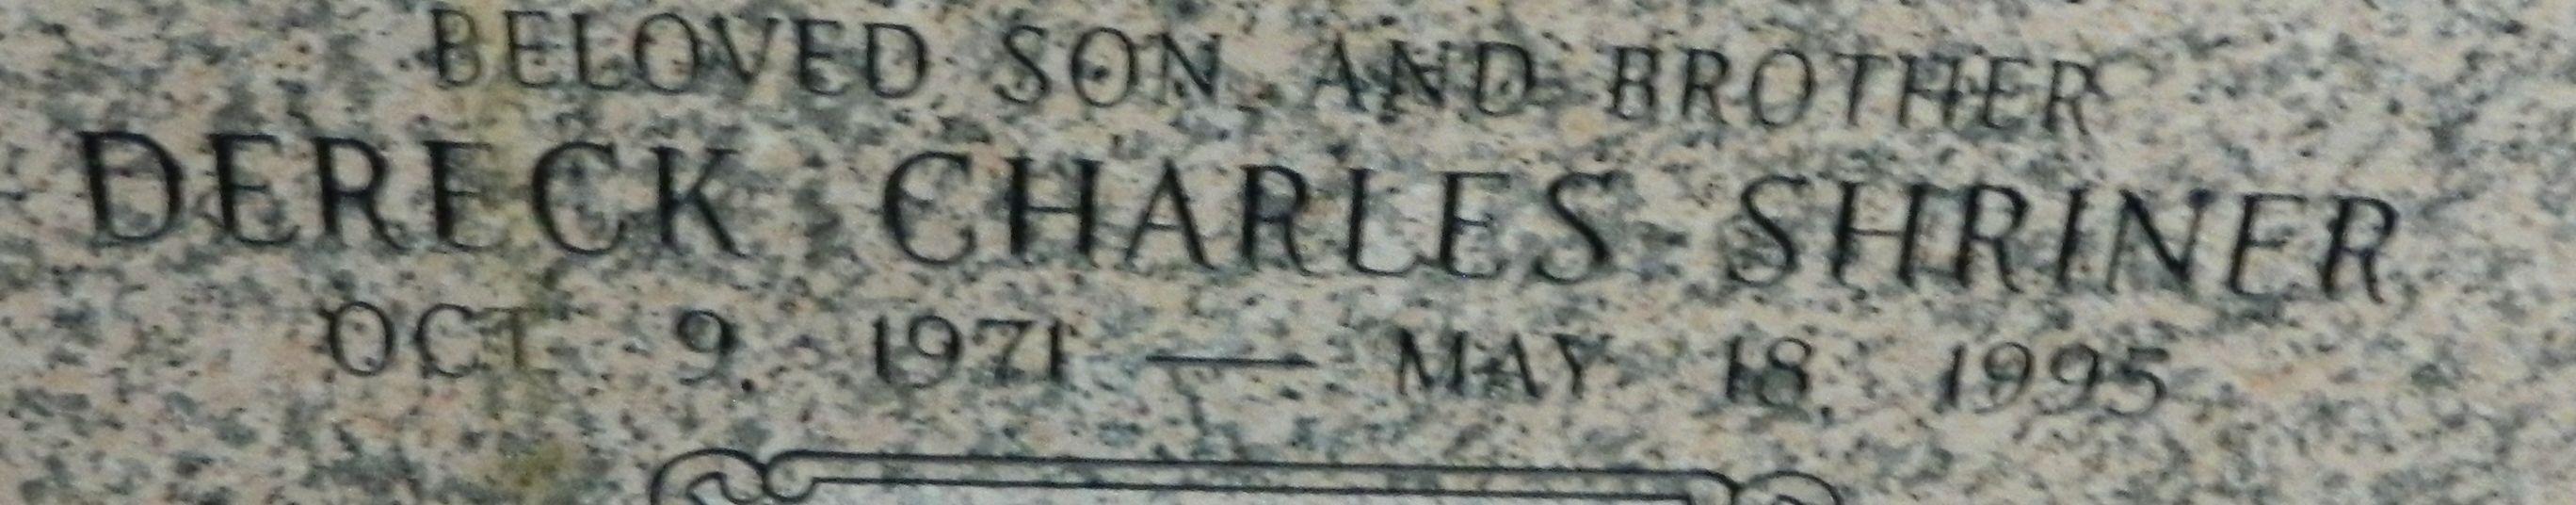 Dereck Charles Shriner